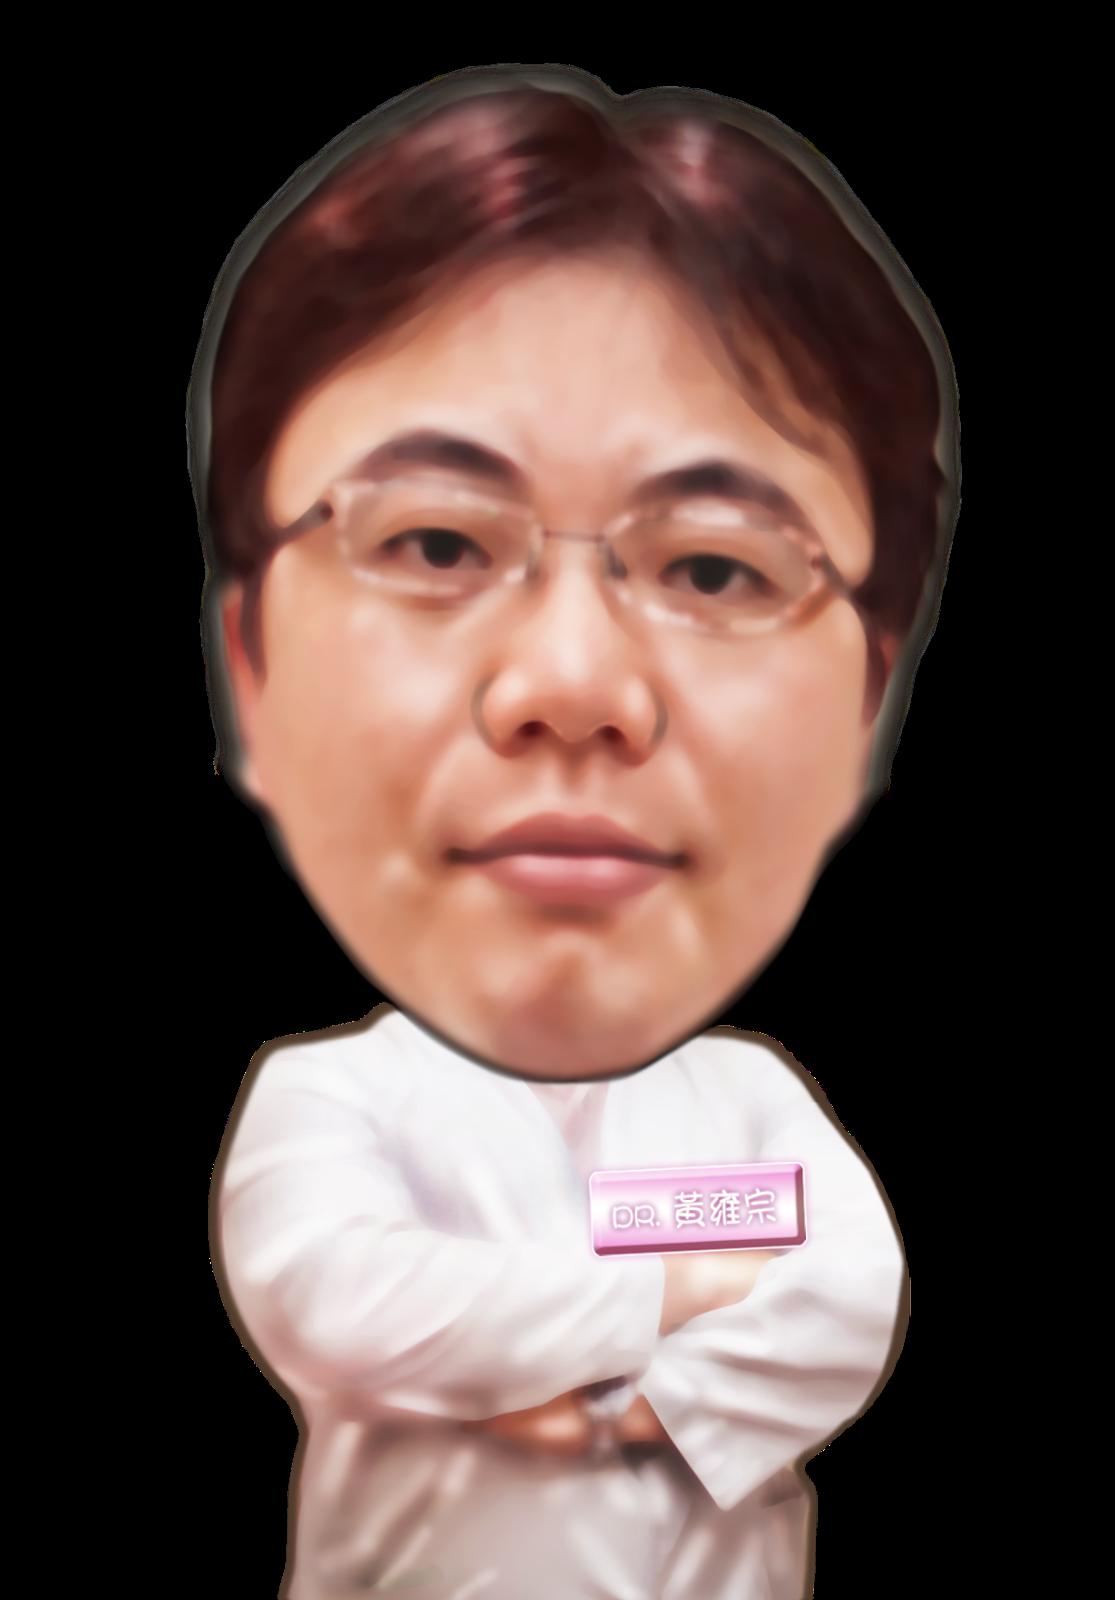 黃雍宗醫師Q板.png